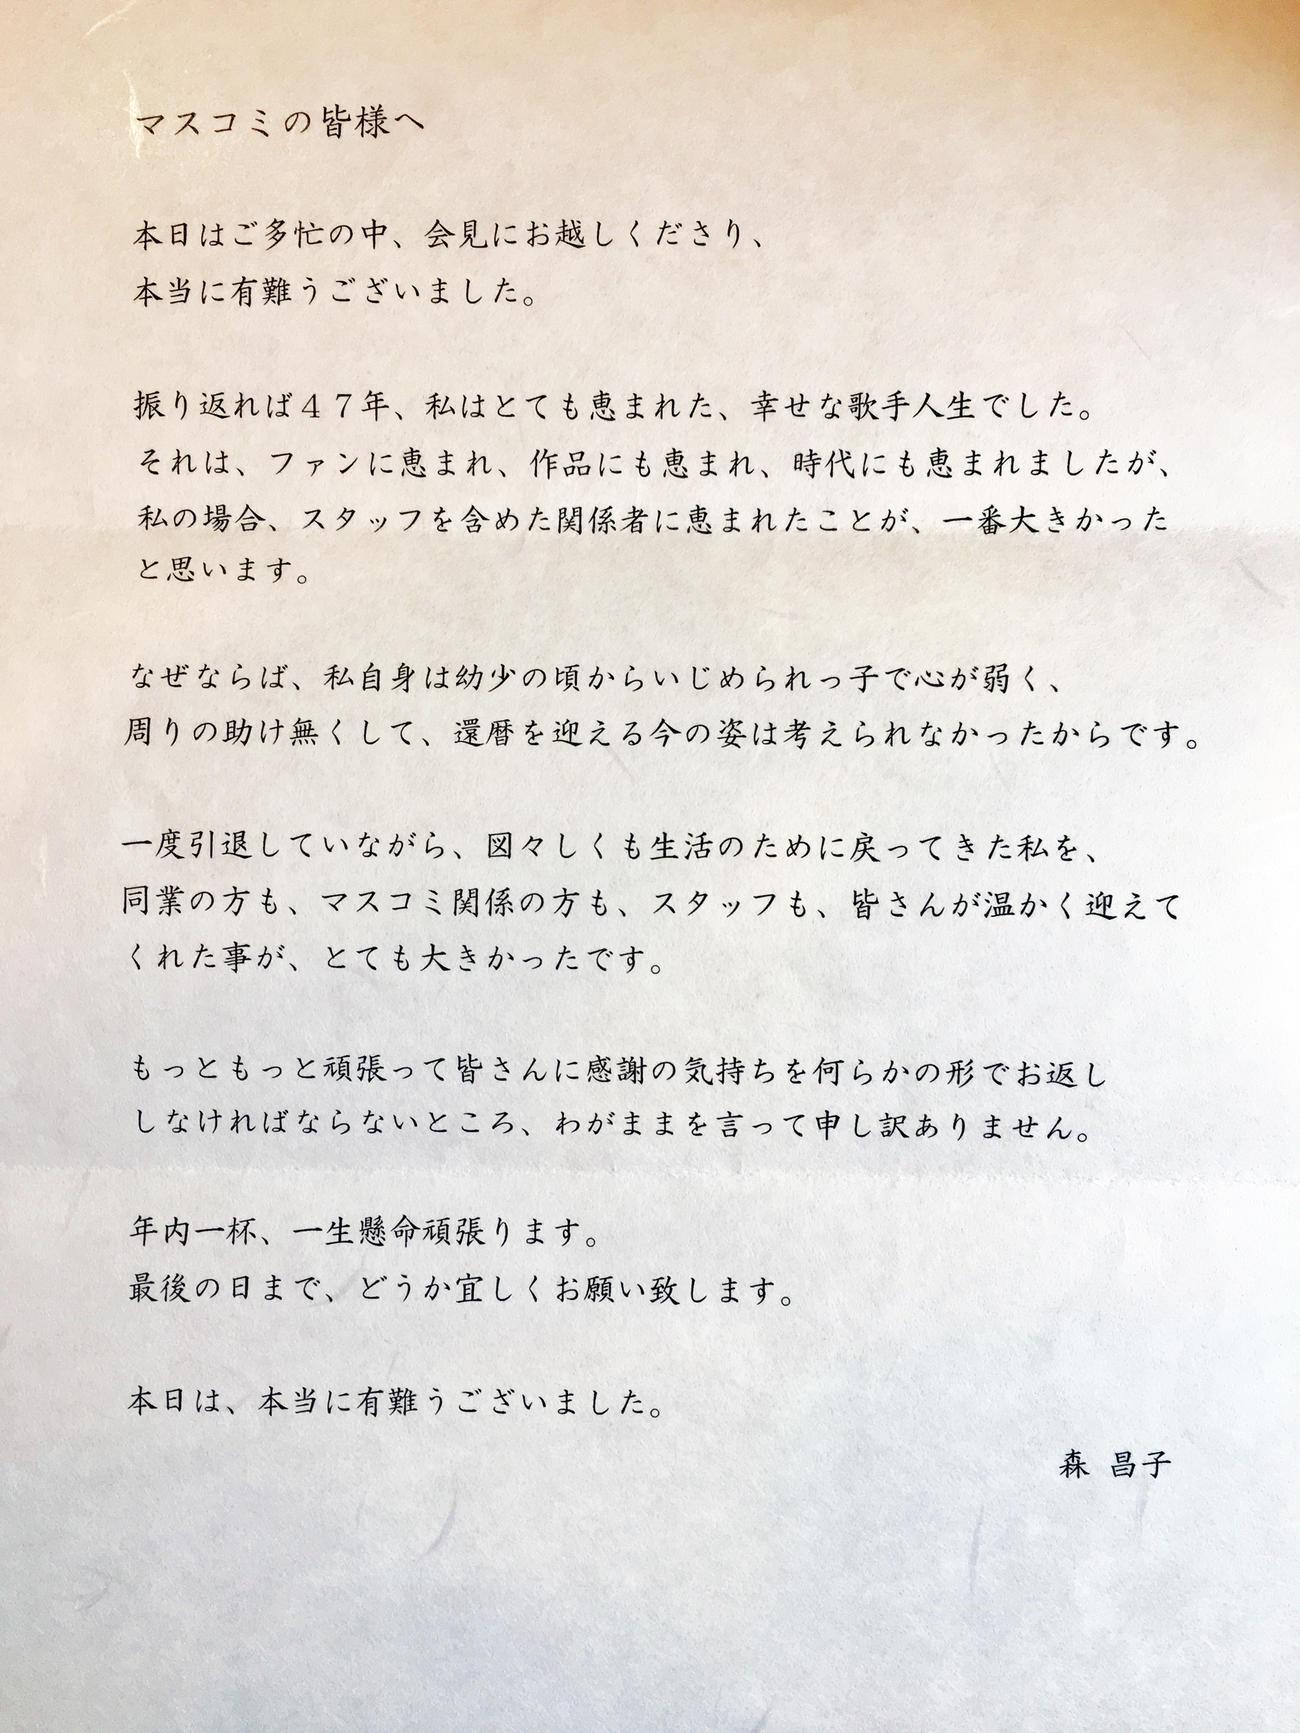 引退 理由 昌子 森